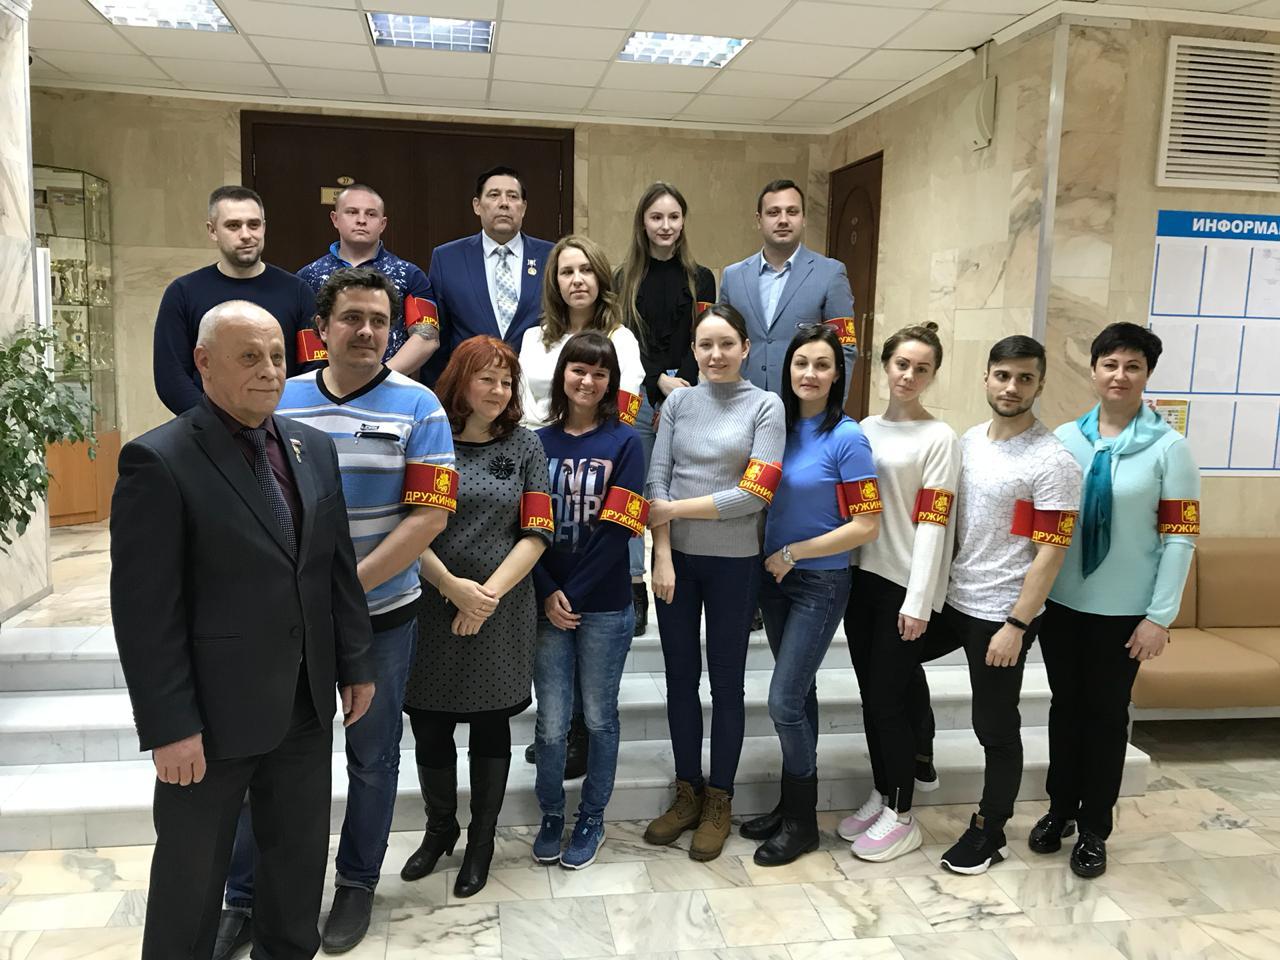 Активисты из Вороновского стали участниками Народной дружины. Фото предоставил Александр Князев